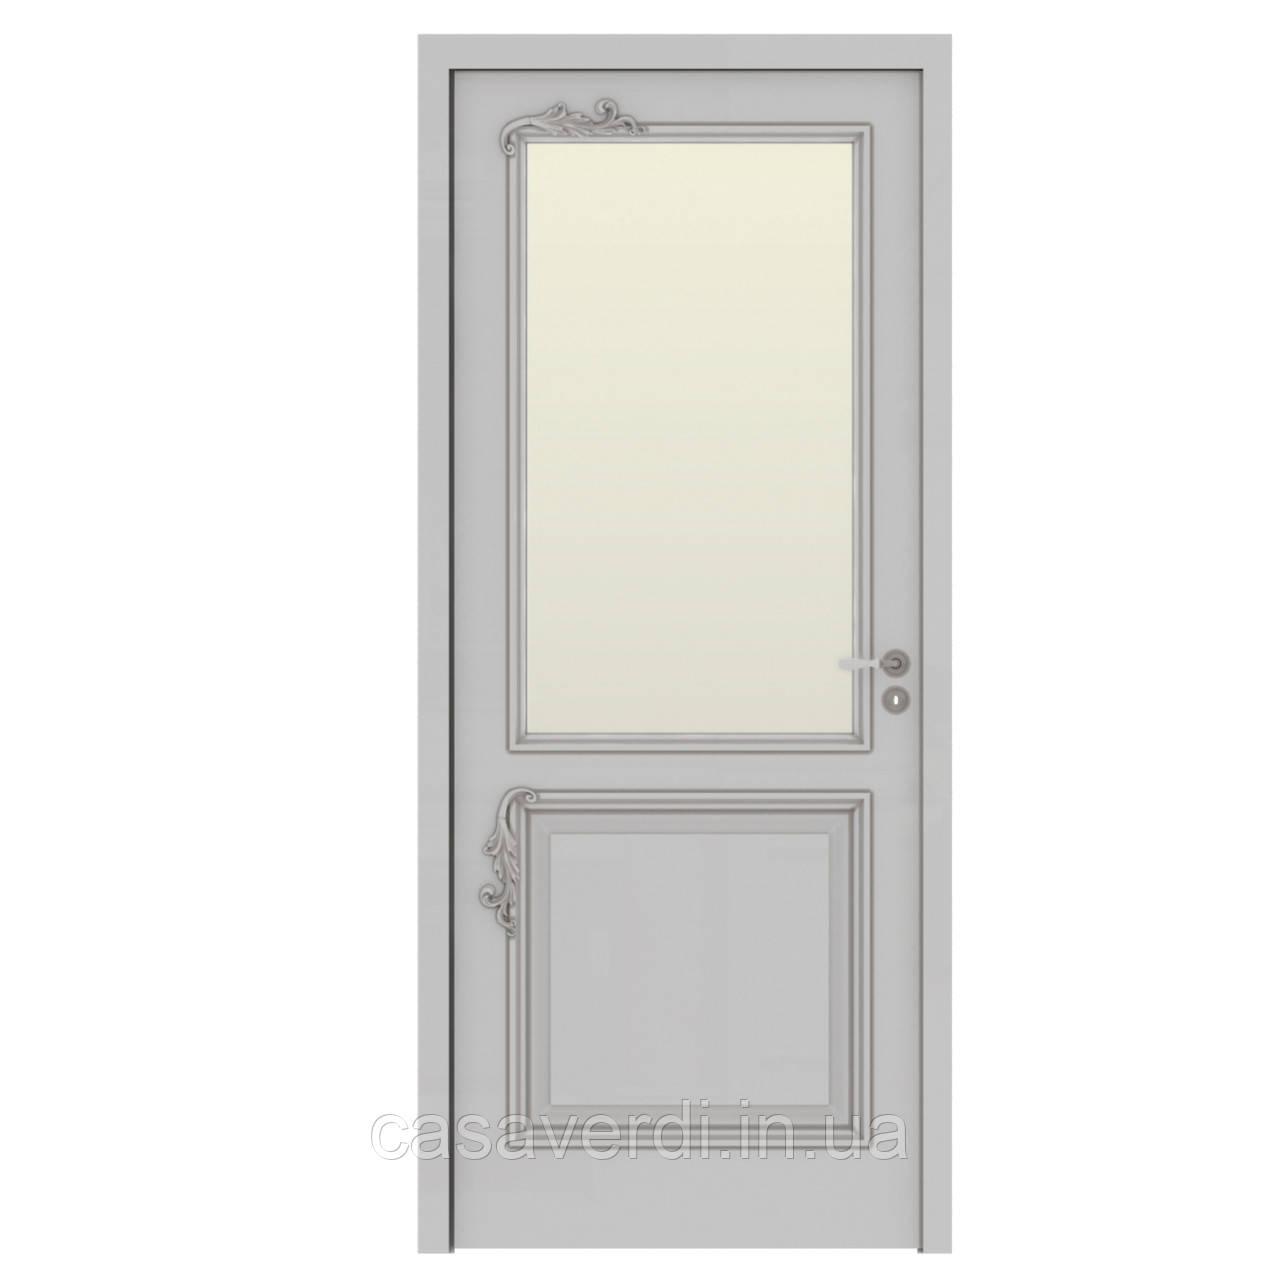 Межкомнатная дверь Casa Verdi  Elegante 4 из массива ольхи белая со стеклом